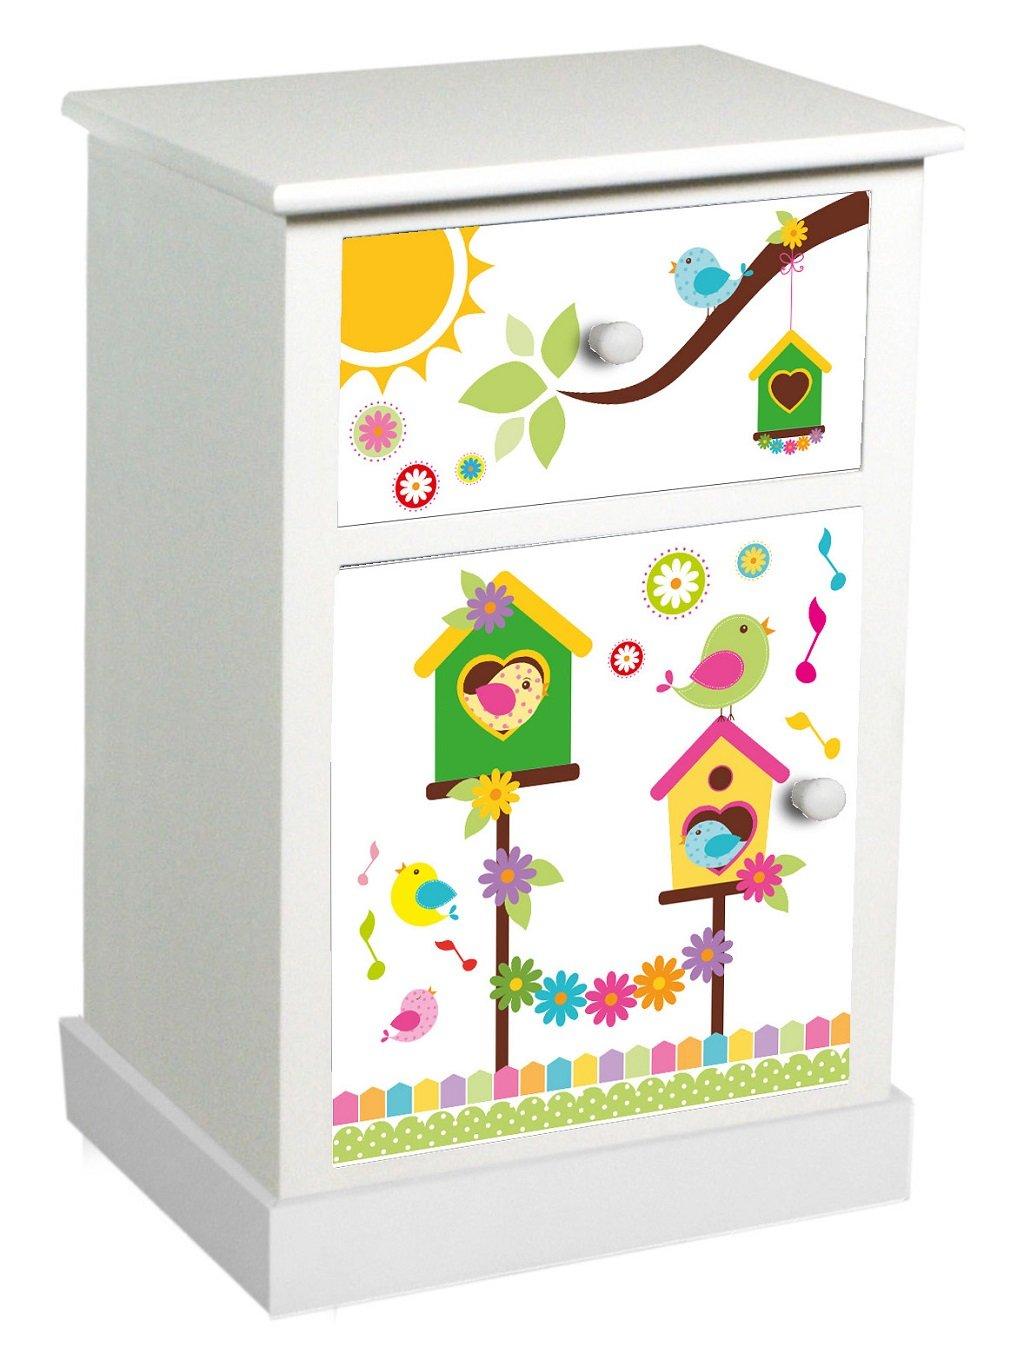 SAVINO FILIPPO SRL Mobile comodino Happy bianco in legno 1 cassetto e anta con decoro uccellini colorati contenitore a torre porta tutto per camera bimbo corridoio salotto cucina bagno ripostiglio